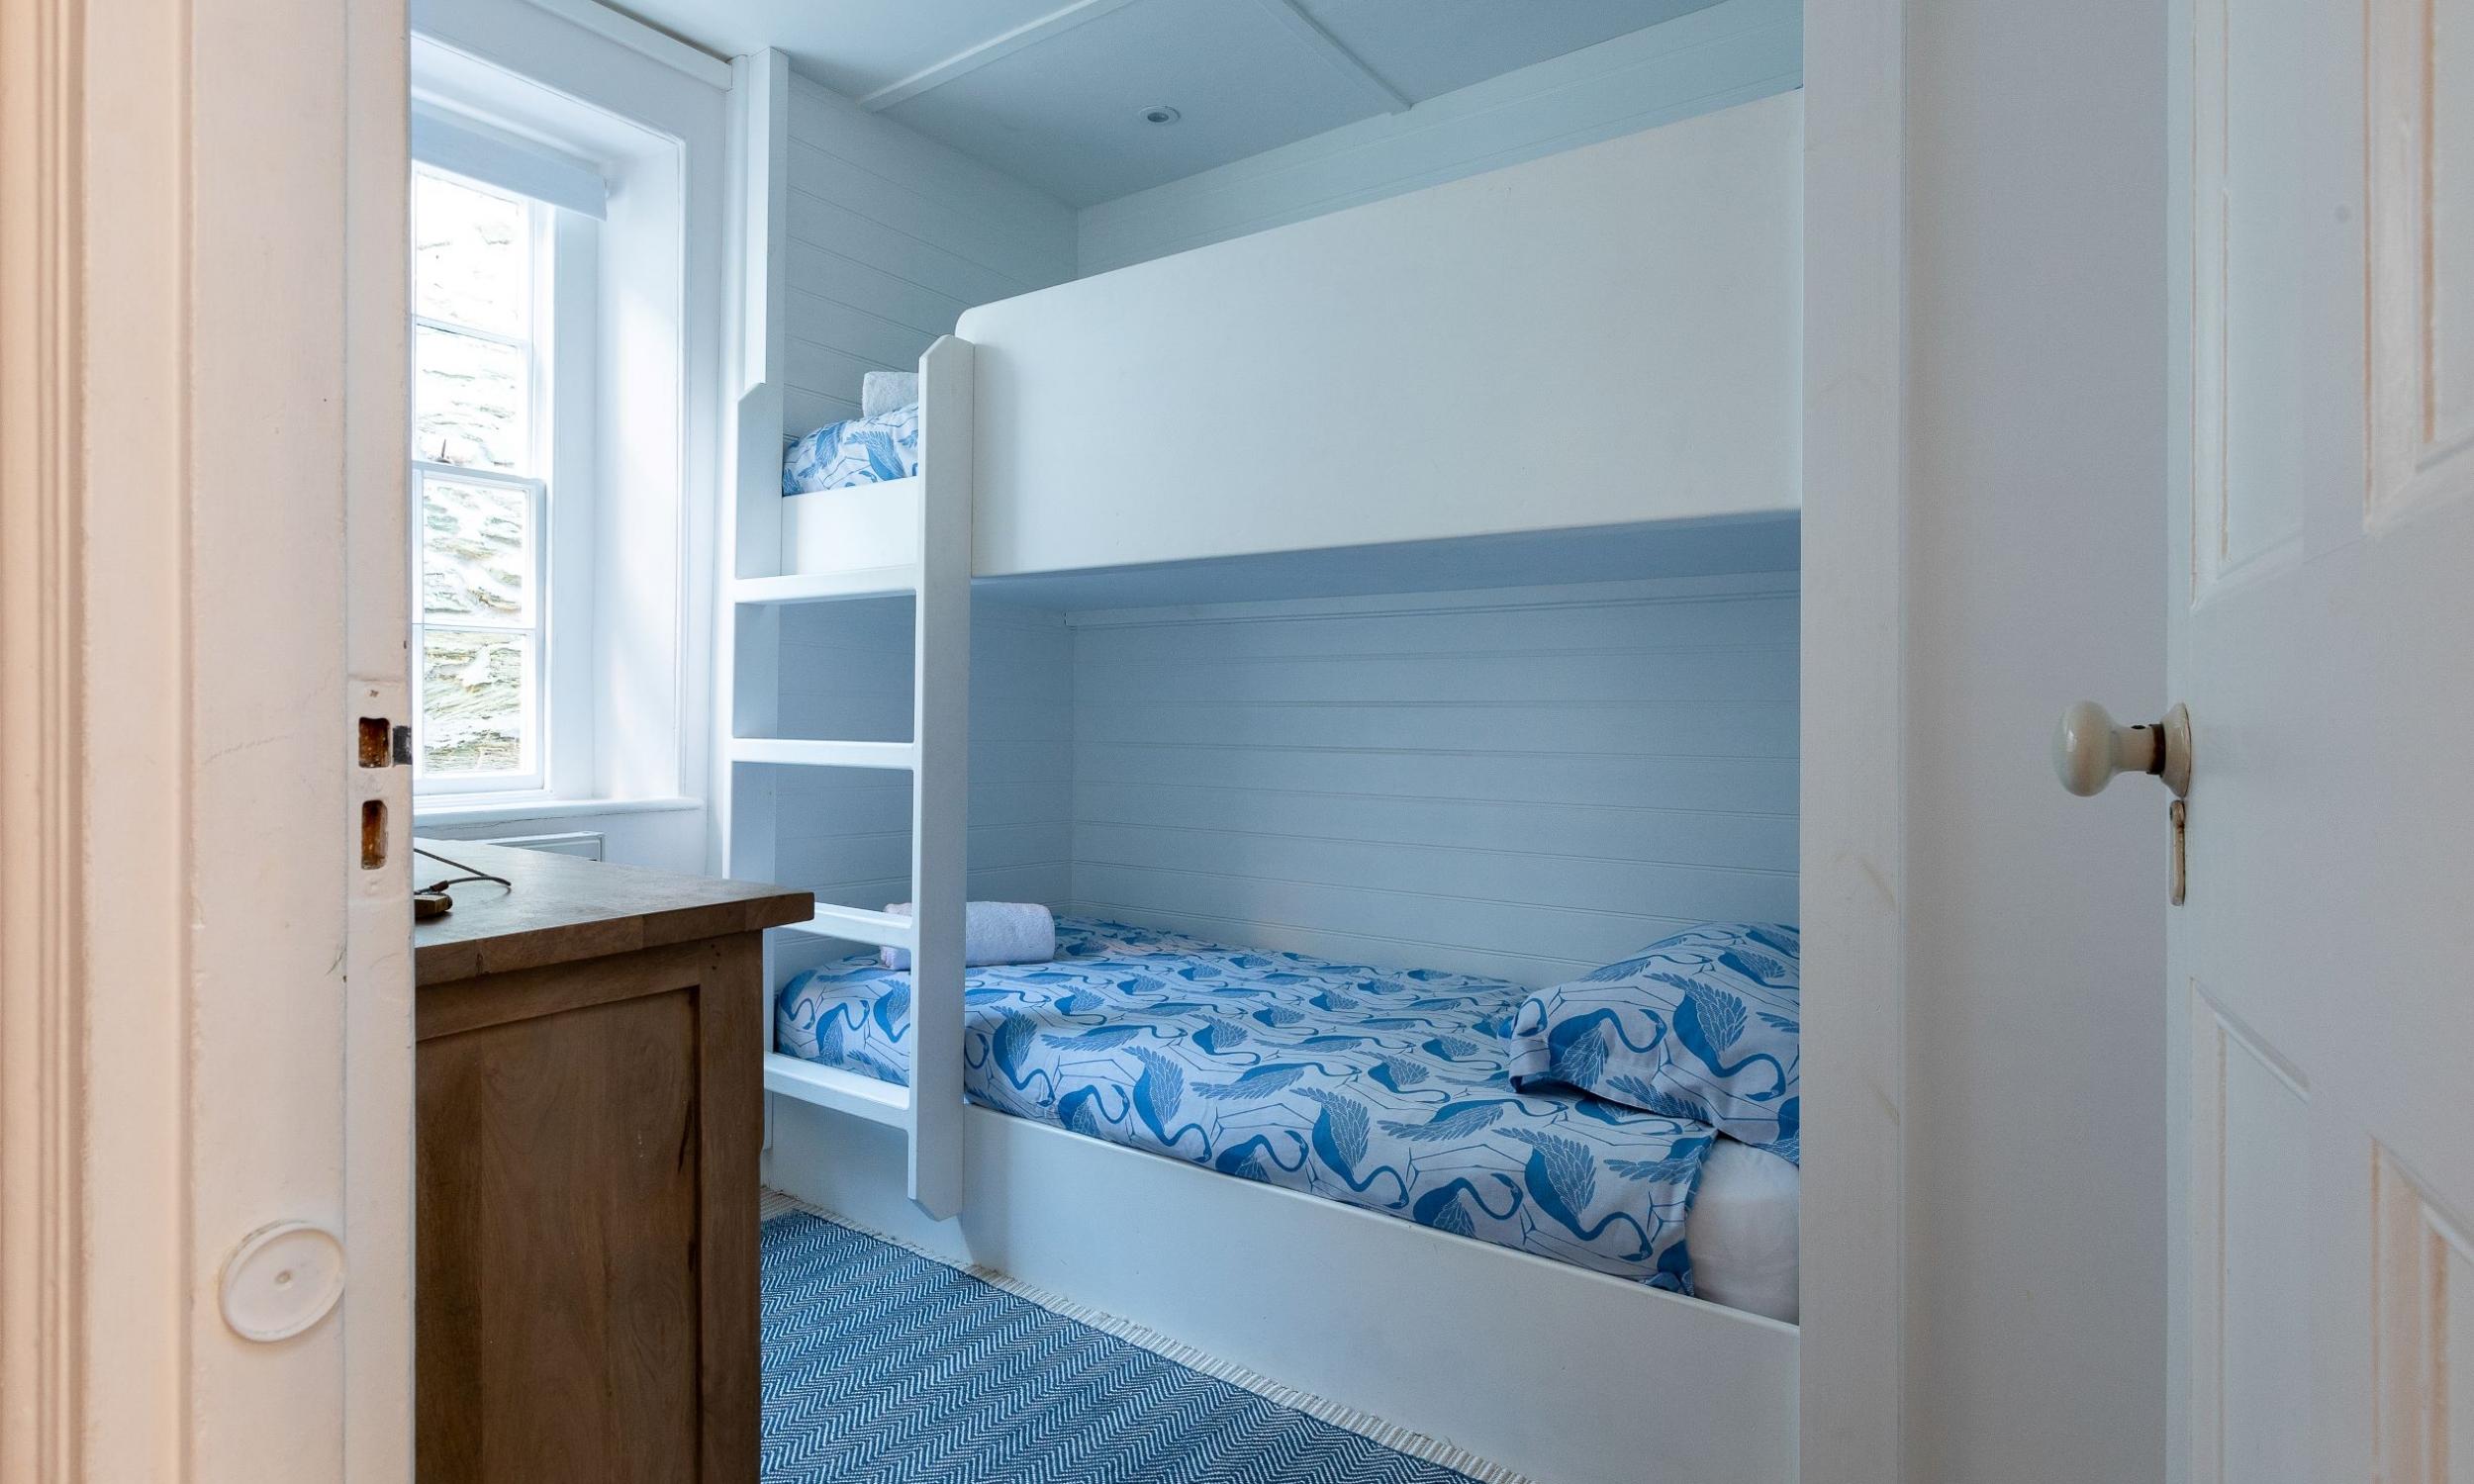 Built in bunk beds 21 Island street Salcombe